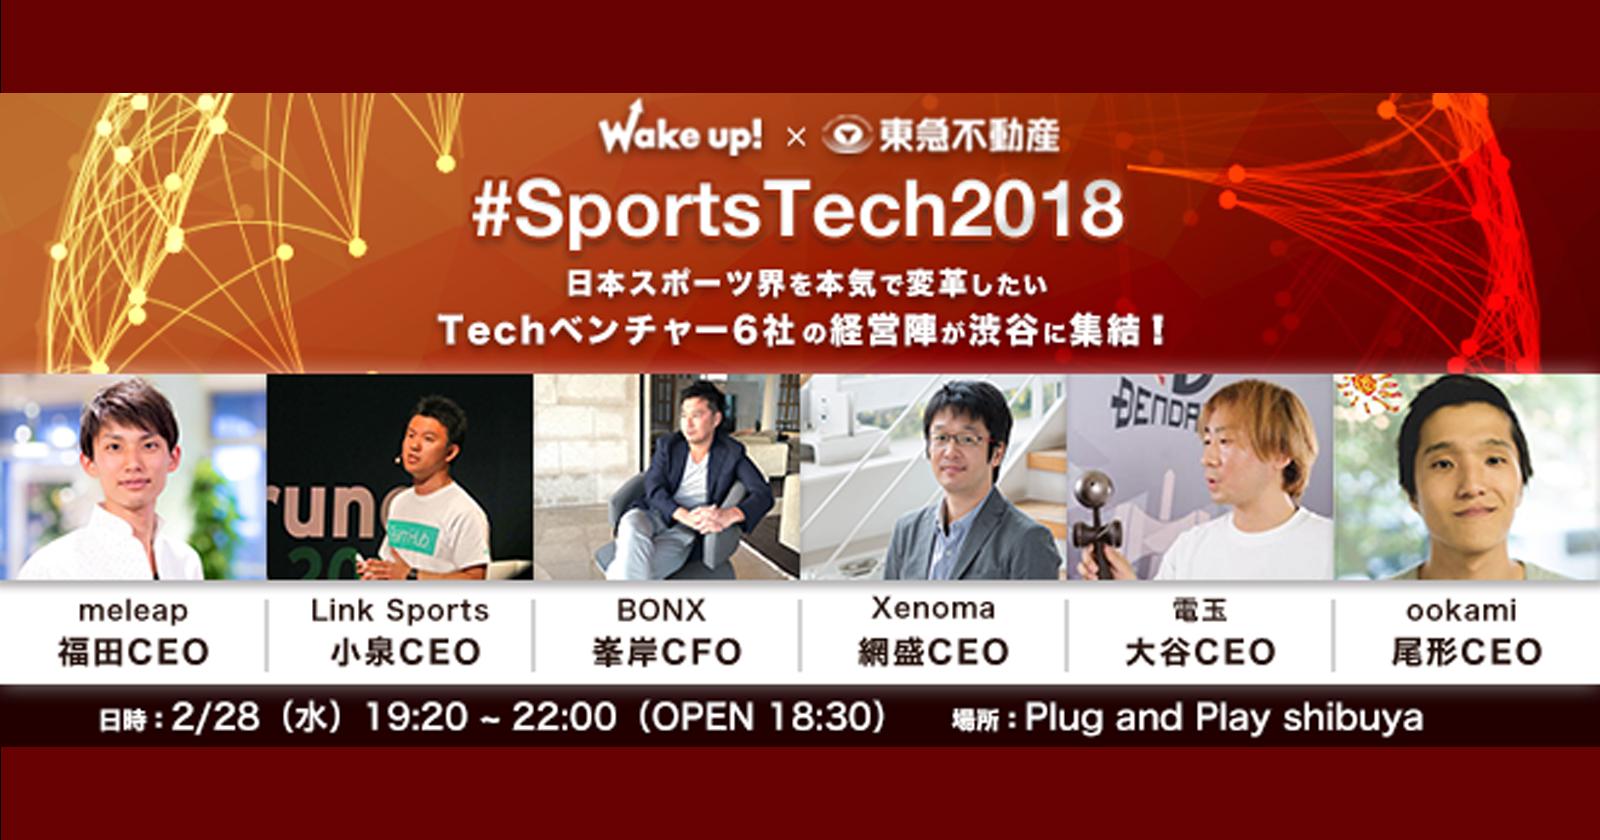 NJ×東急不動産にてSportsTechイベント@Plug and Play shibuyaを開催します!! 今話題のSportsTech 6社のCxOが集います